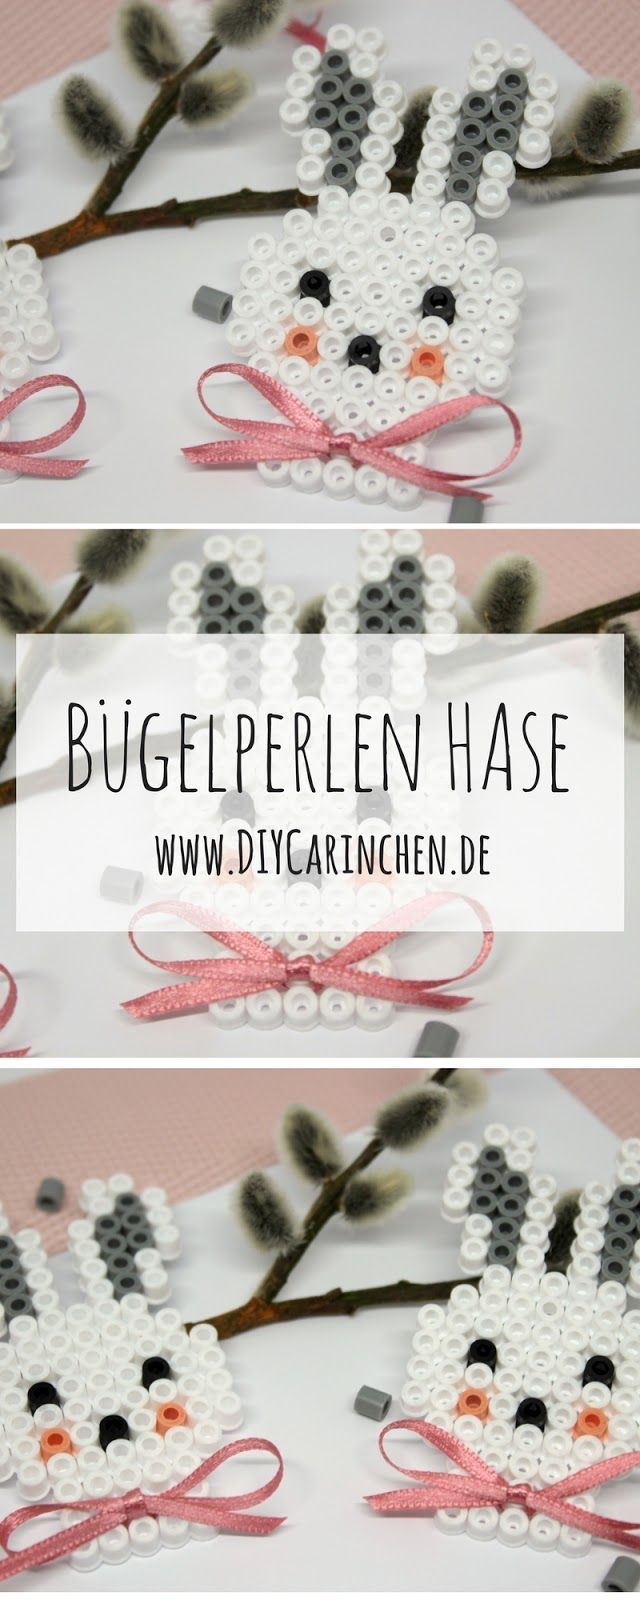 Bugelperlen Vorlagen Ostern Basteln Mit Bugelperlen 2020 05 11